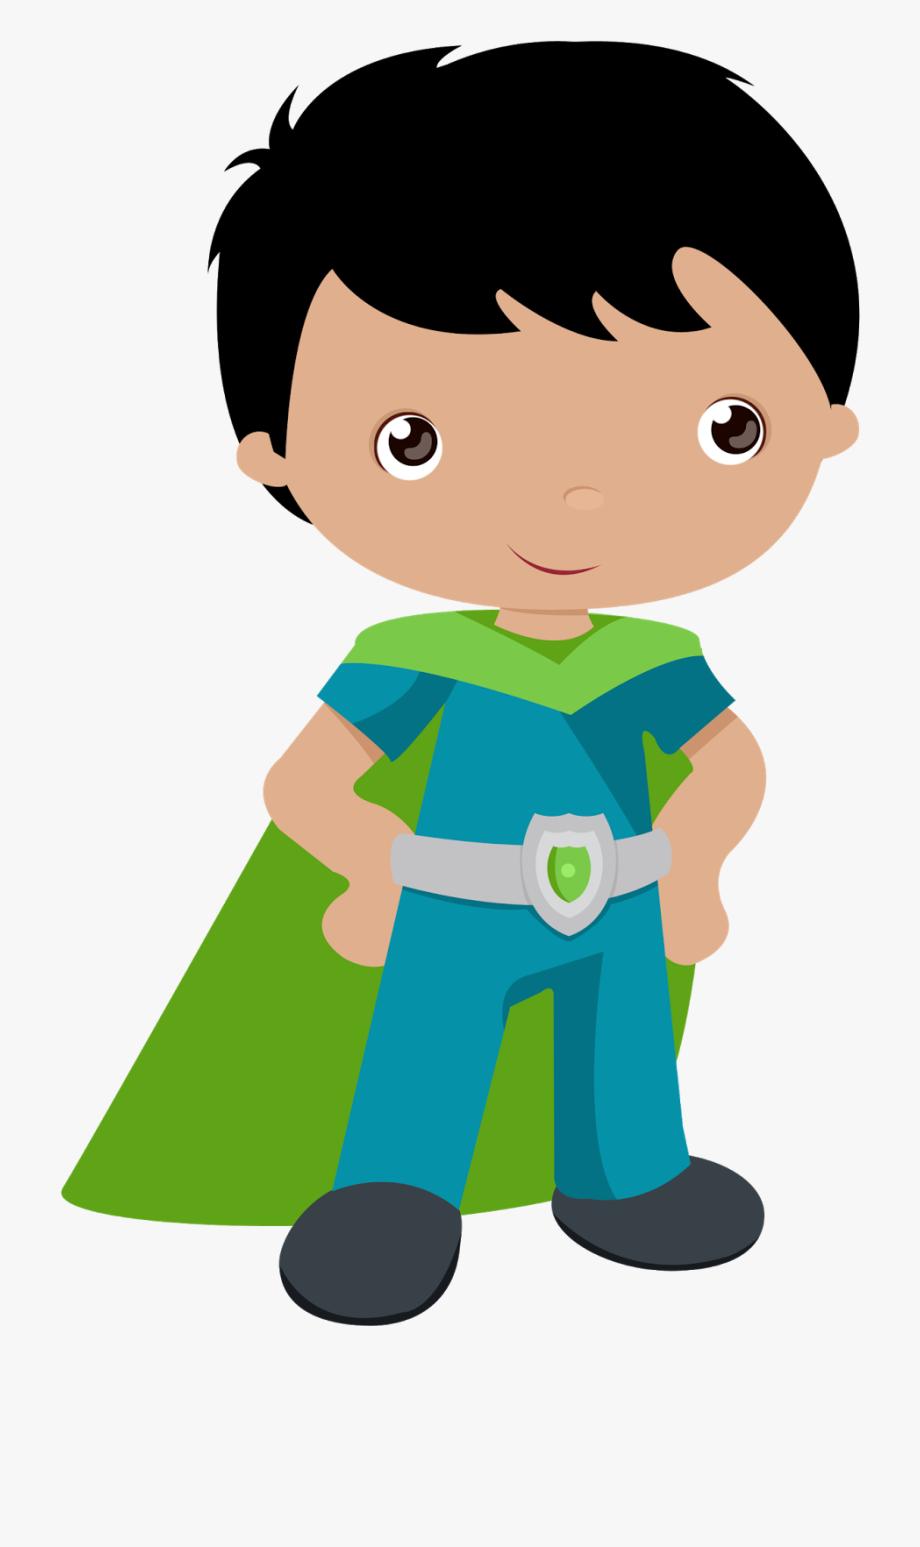 Kids Dressed As Superheroes Clipart.